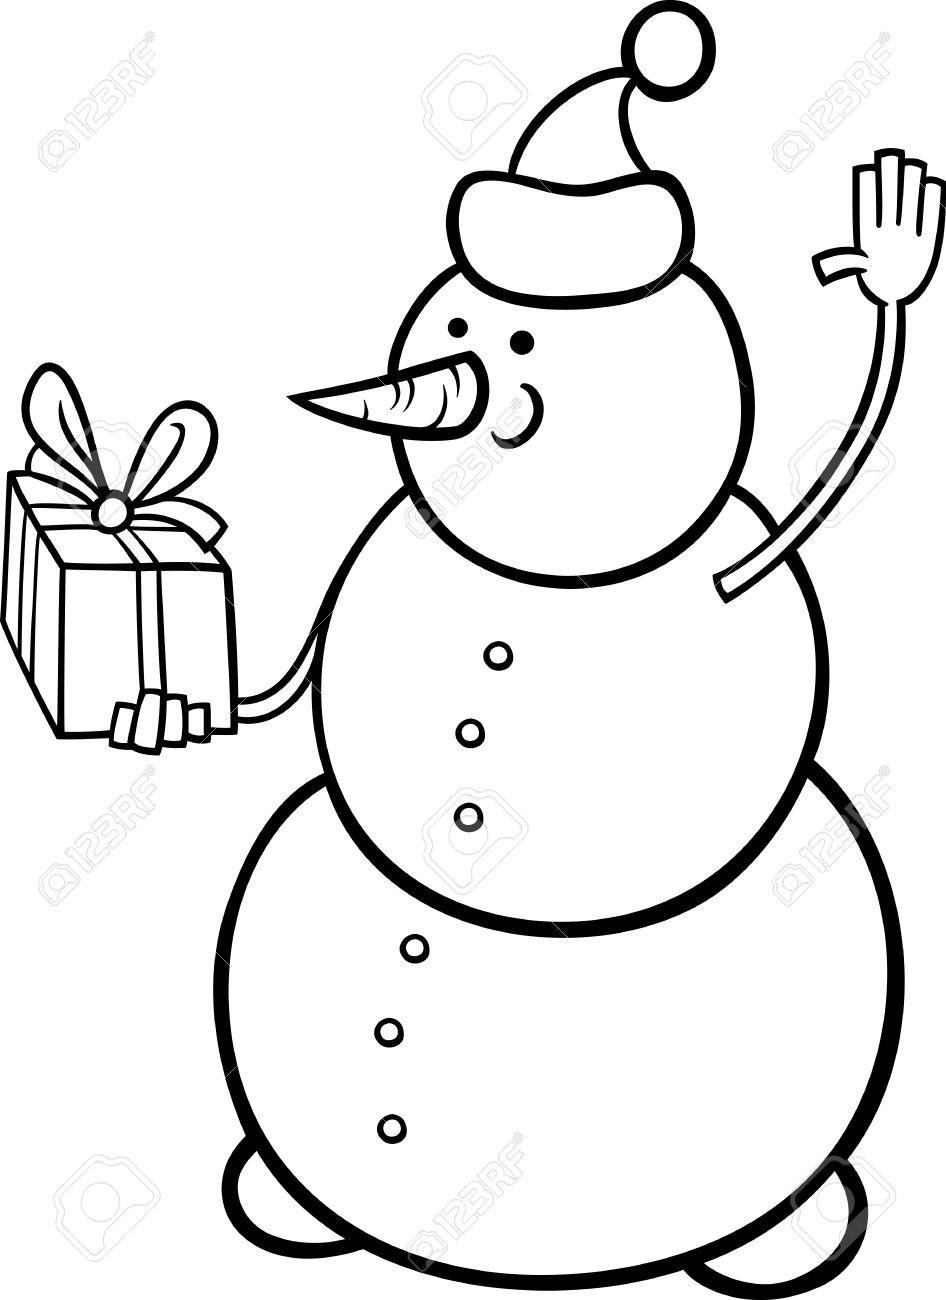 Noir Et Blanc Cartoon Illustration De Bonhomme De Neige Que Le Père Noël Caractère Avec Cadeau De Noël Ou Cadeau Pour Coloring Book